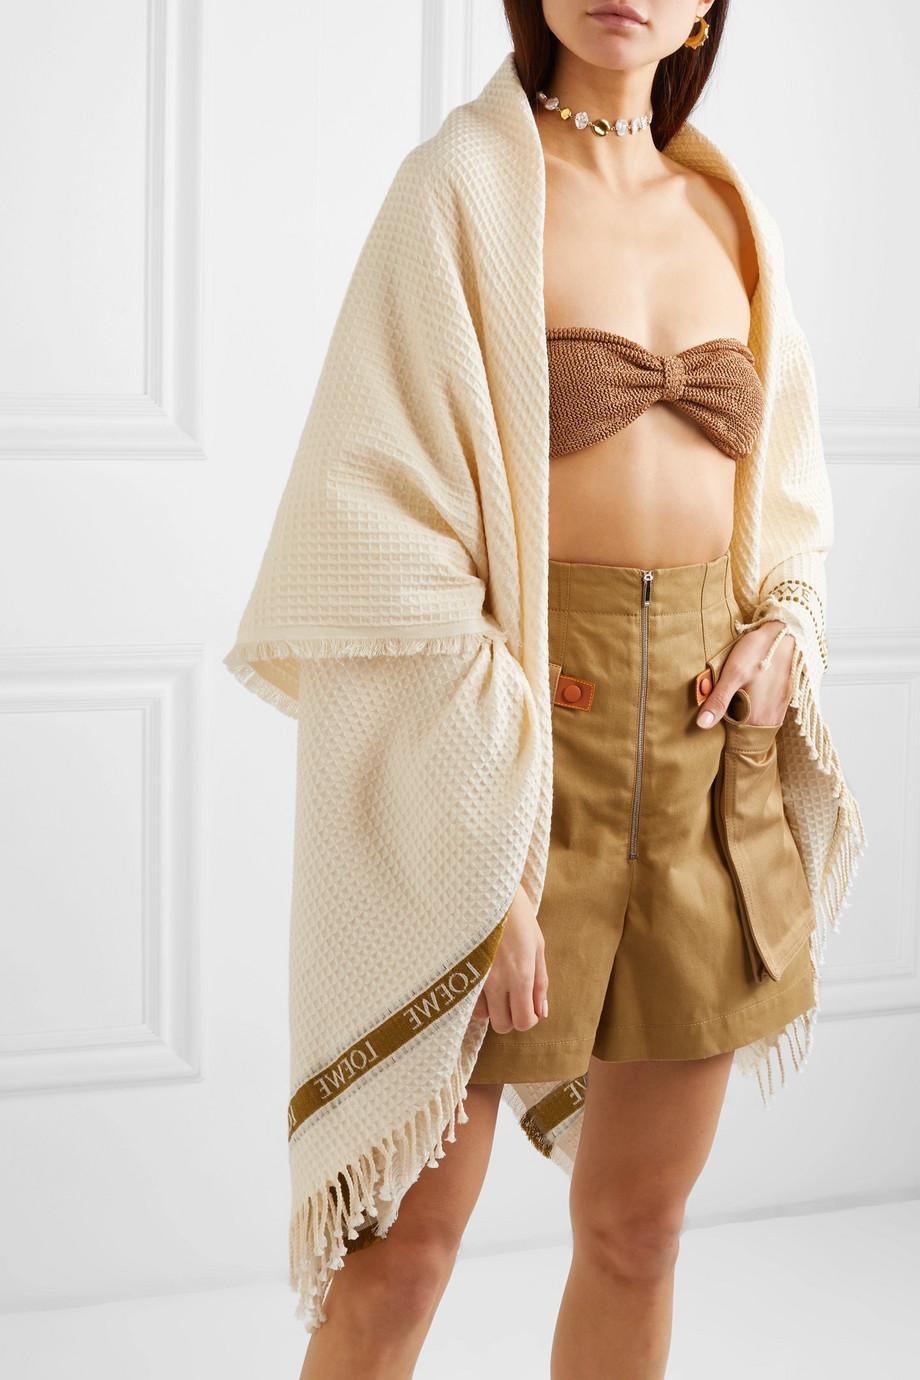 Плажна кърпа от пресован чист памук Loewe от Net-a-porter, 557лв.